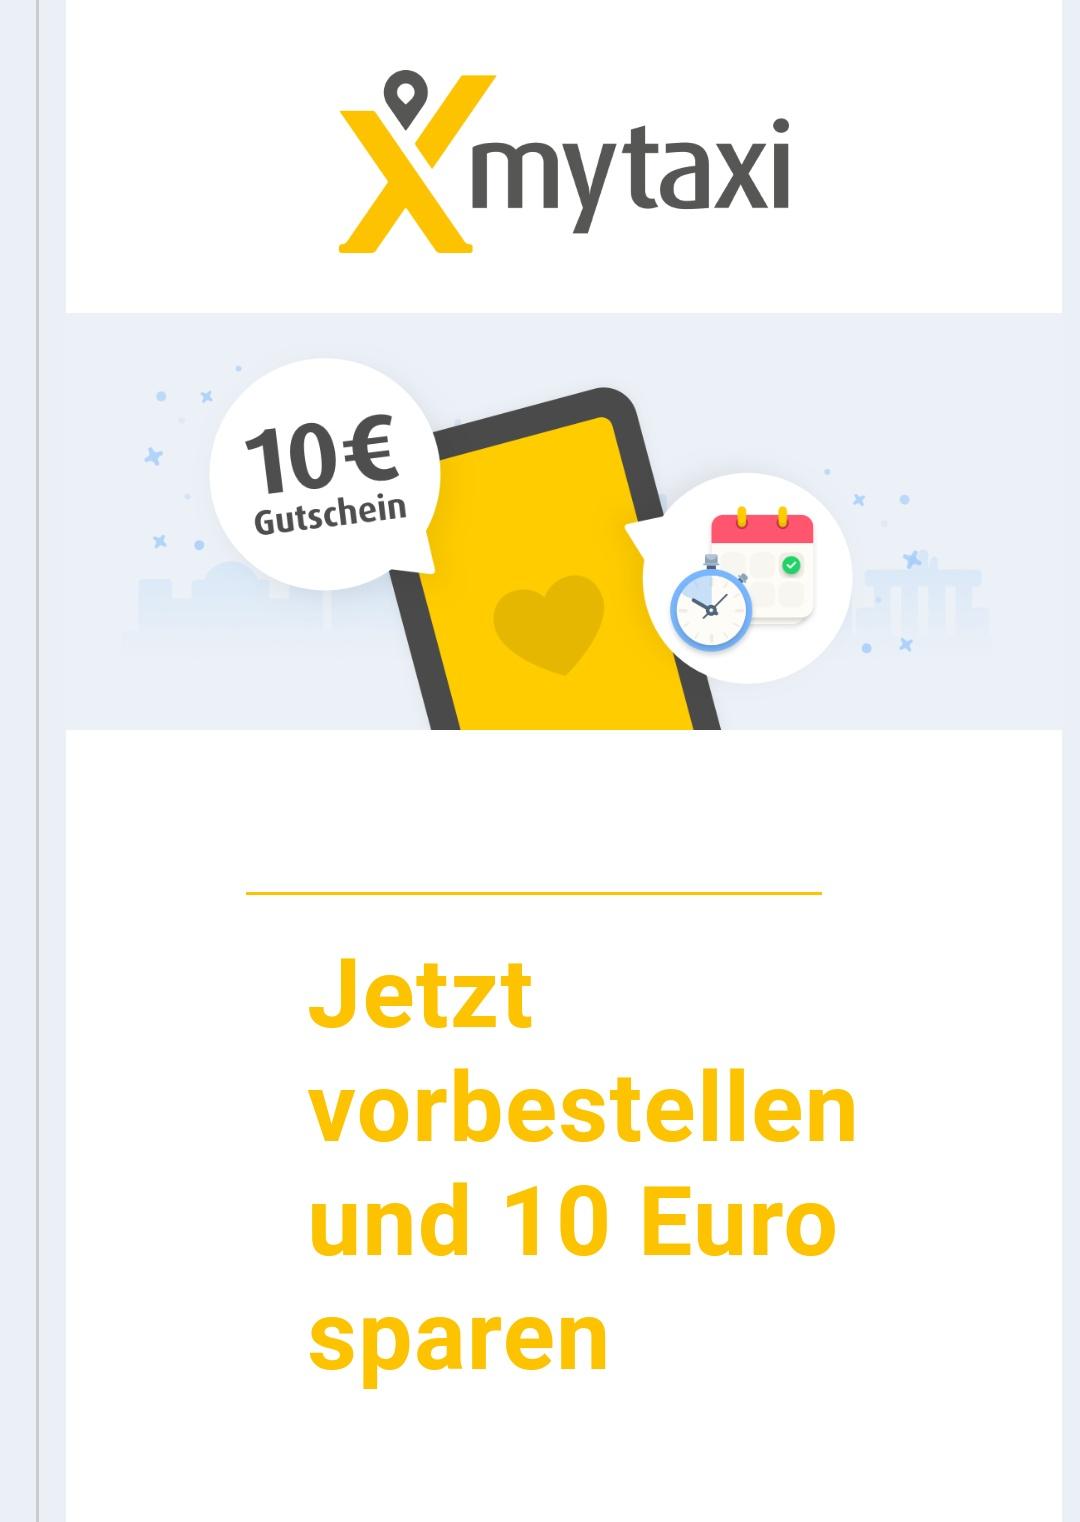 Mytaxi 10€ Gutschein bei Vorbestellung